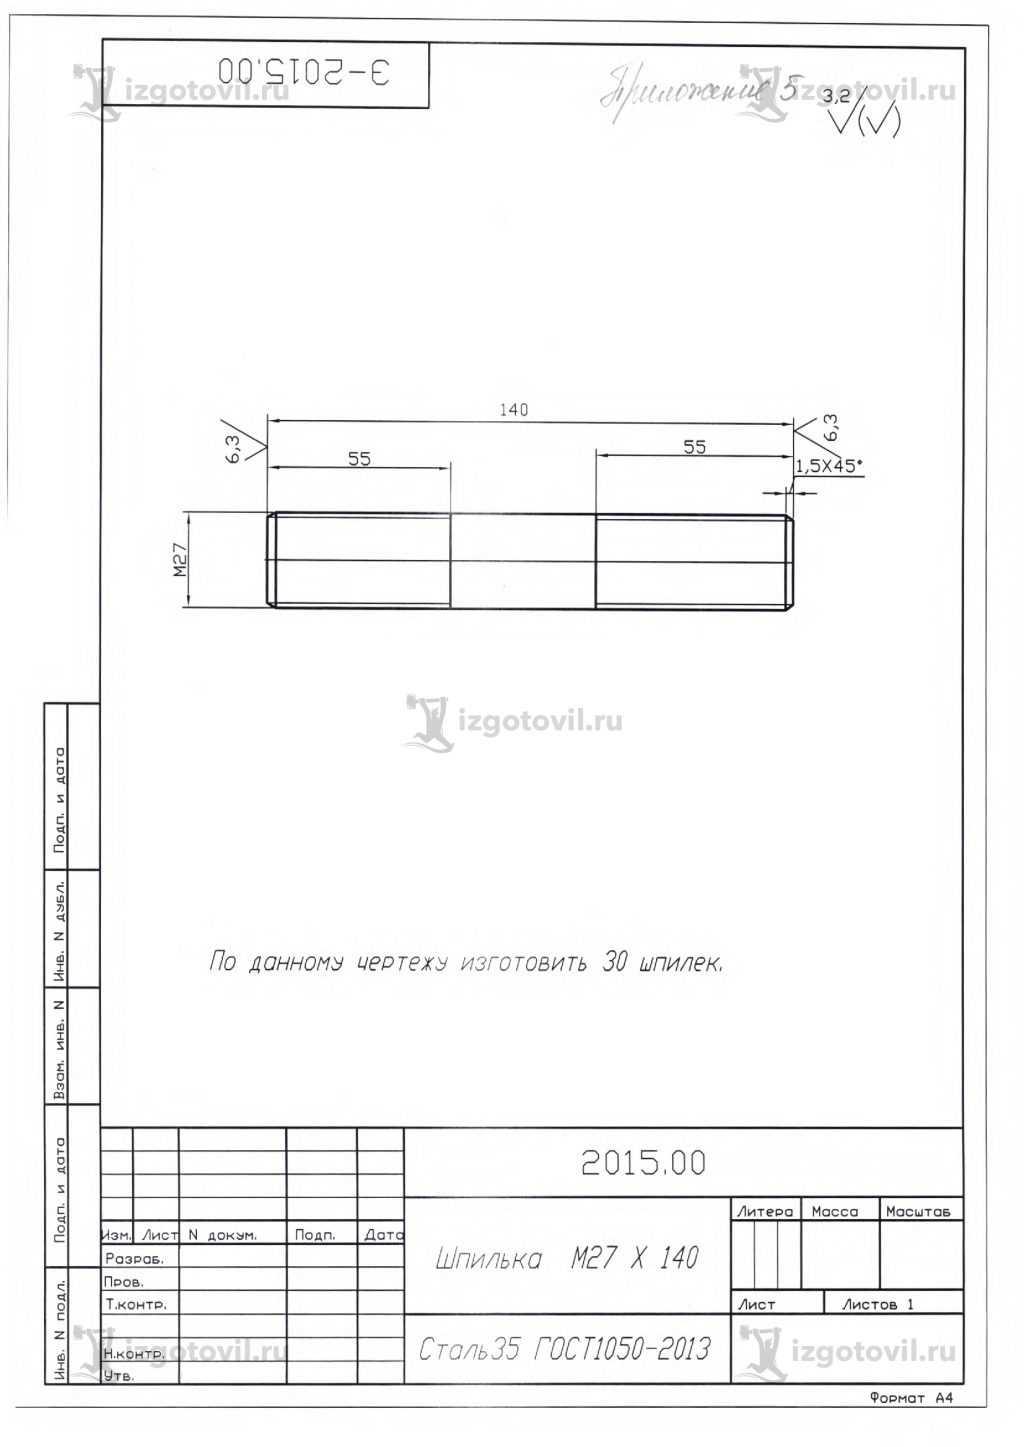 Токарная обработка деталей: изготовление гаек и шпилек